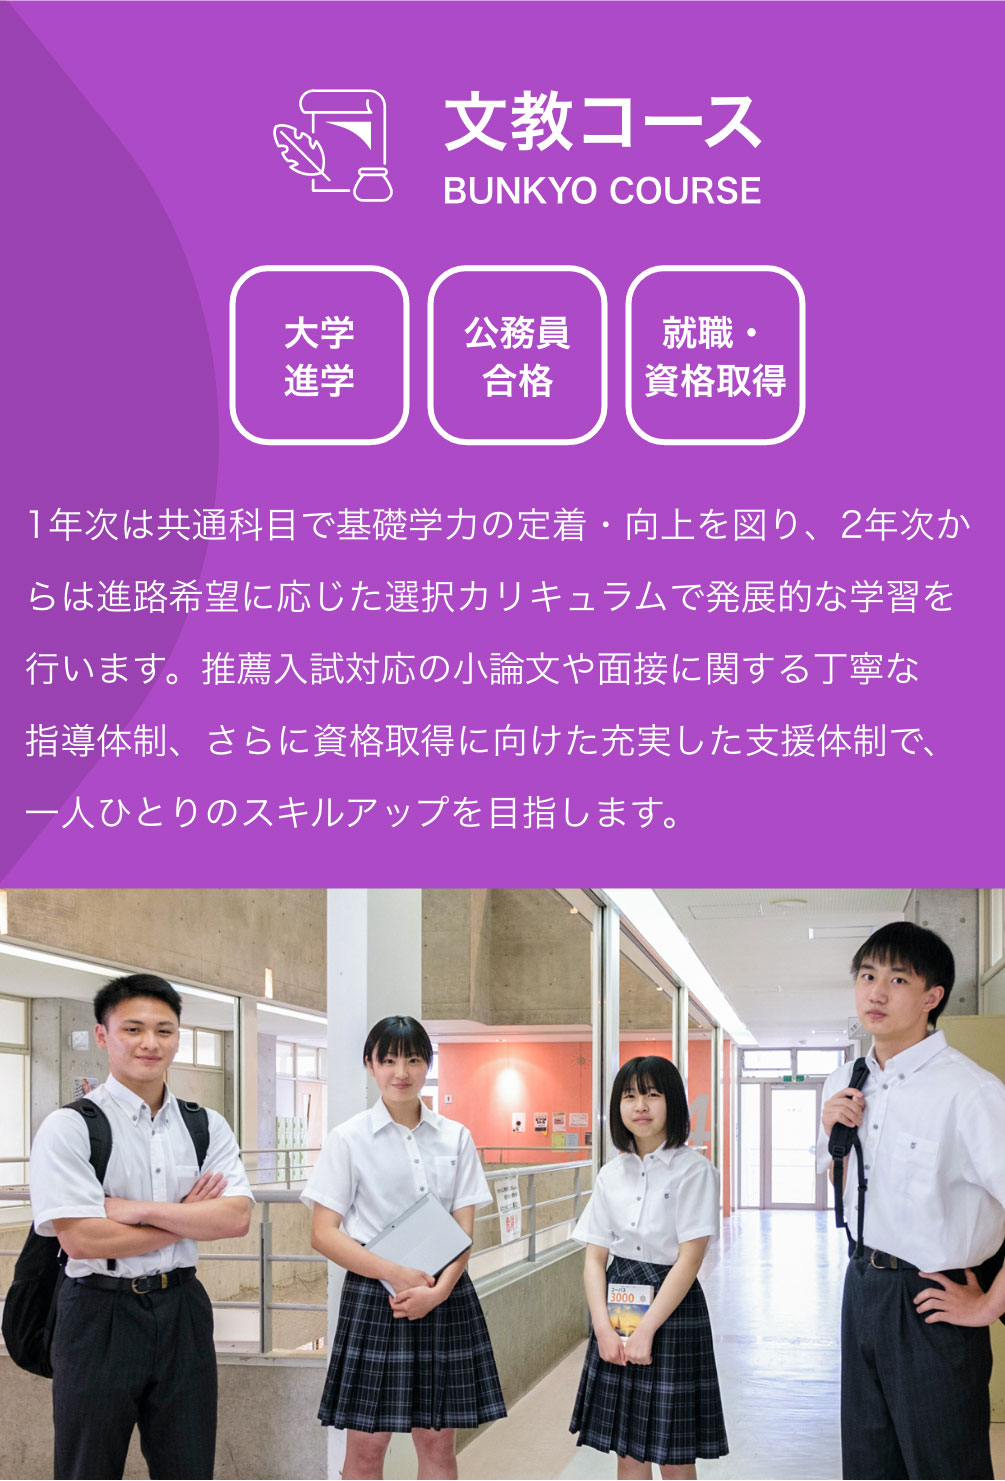 文教コースの紹介